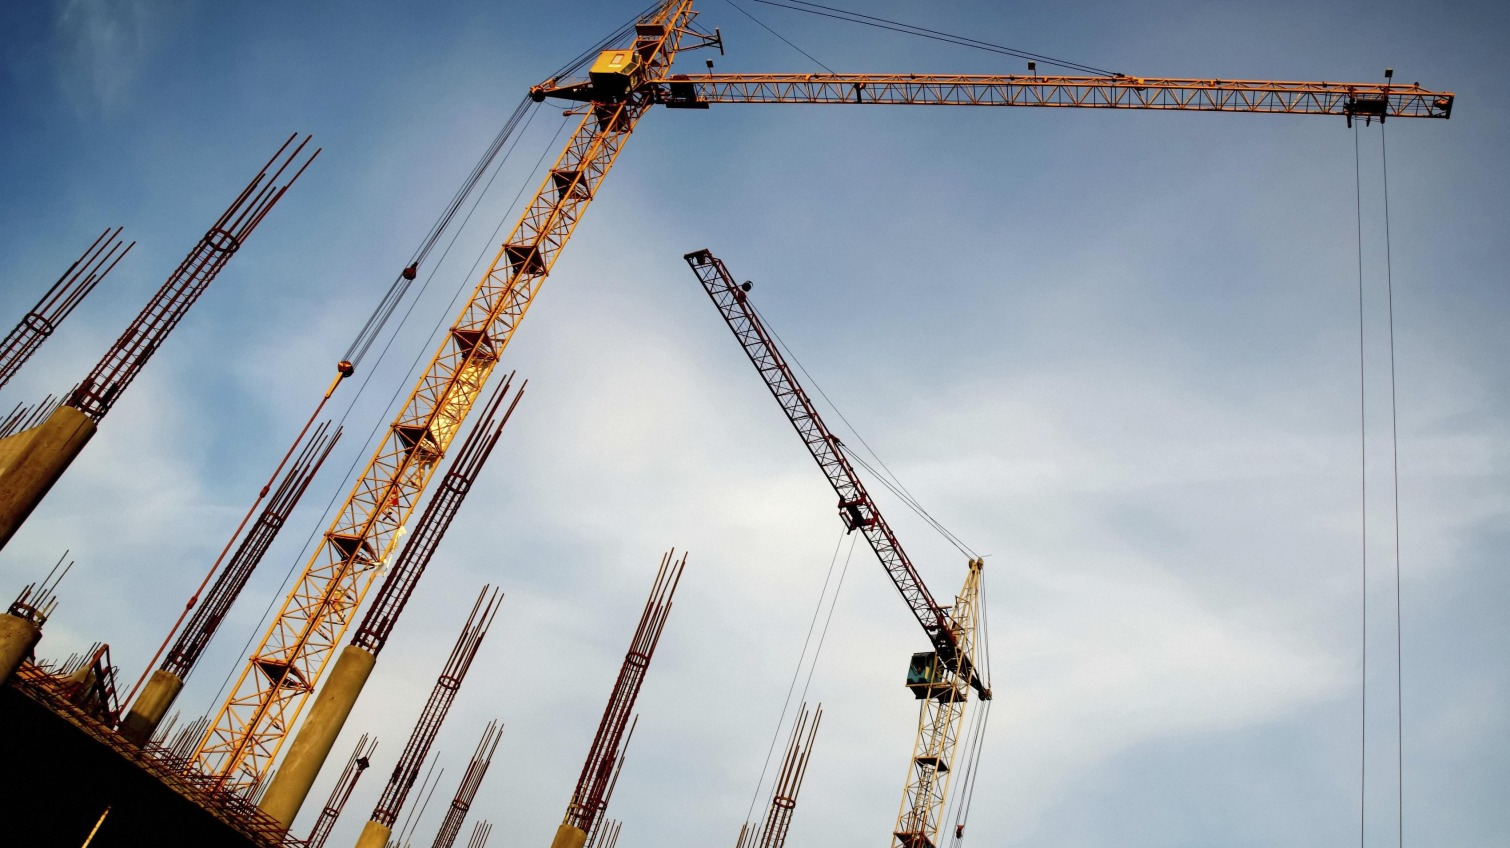 Одесская мэрия способствует незаконному захвату жилья вкладчиков долгостроя «Золотой берег» «фото»